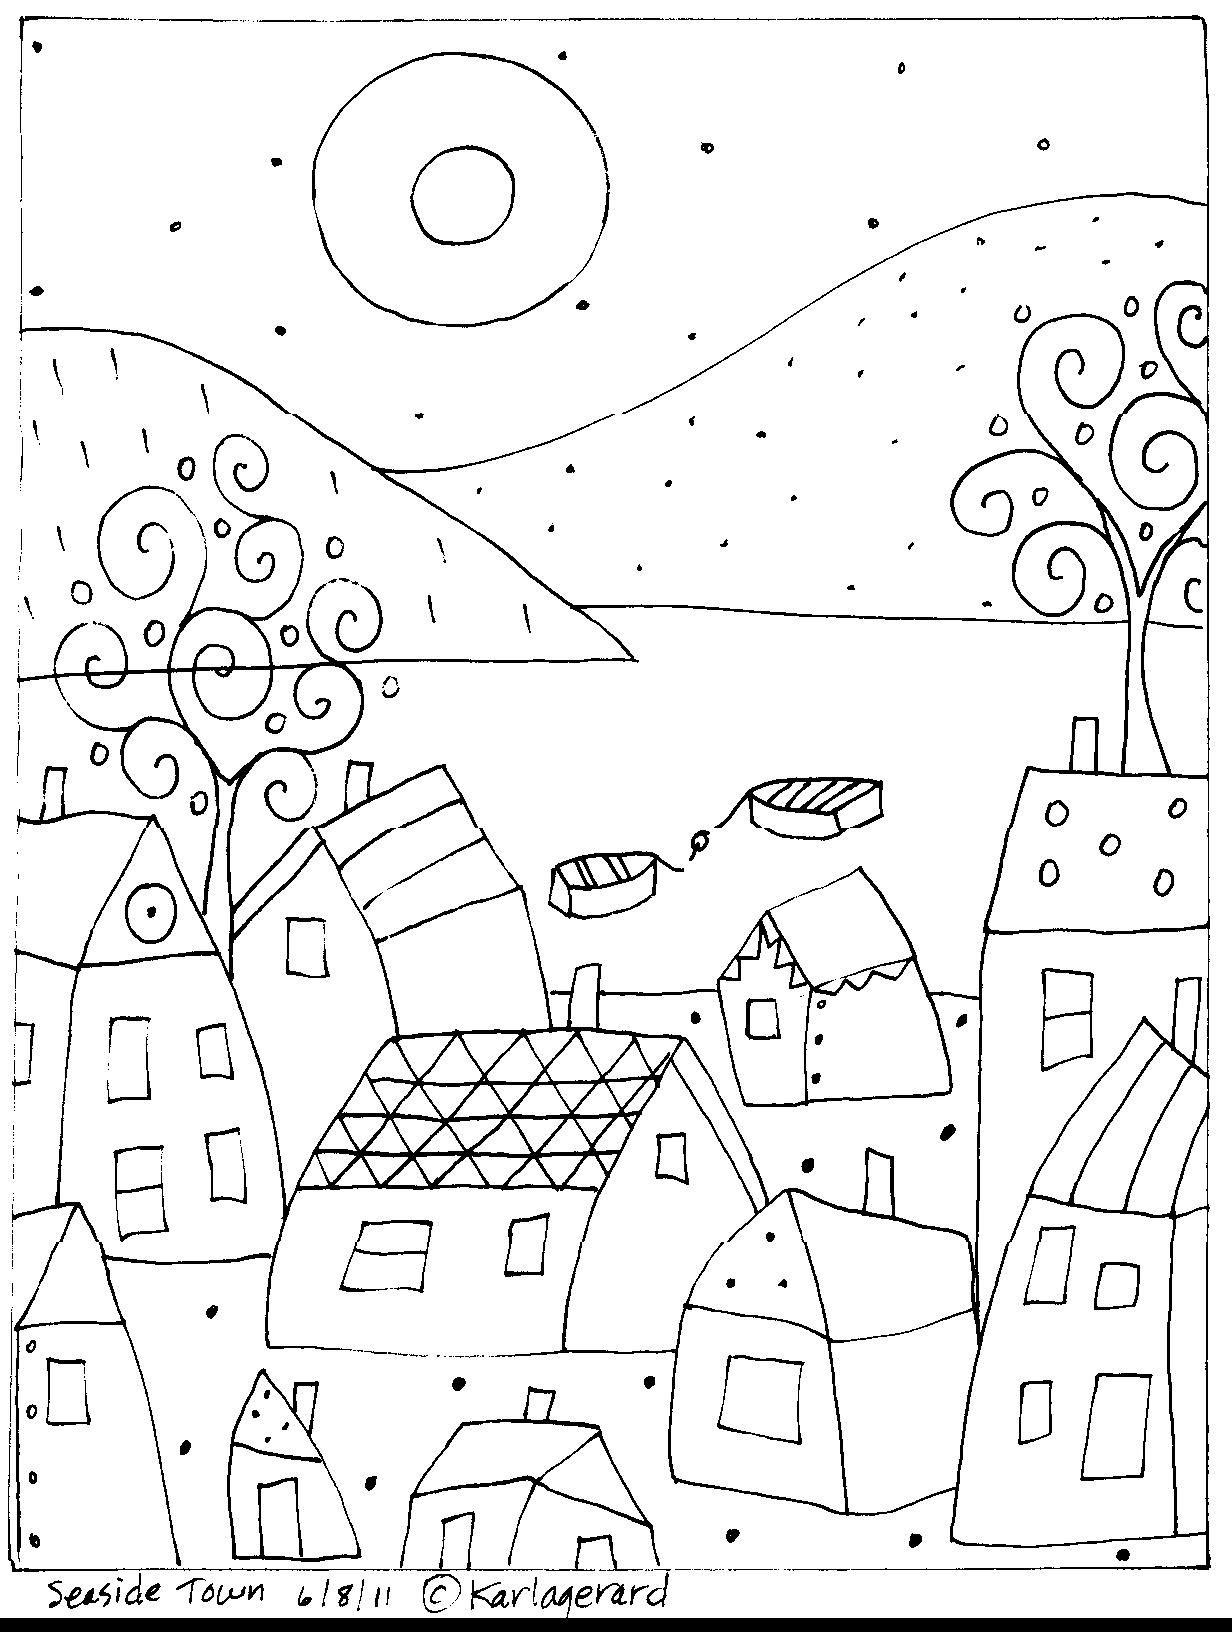 Seaside-town-rughook By Karla Gerard   Coloring Pages   Folk